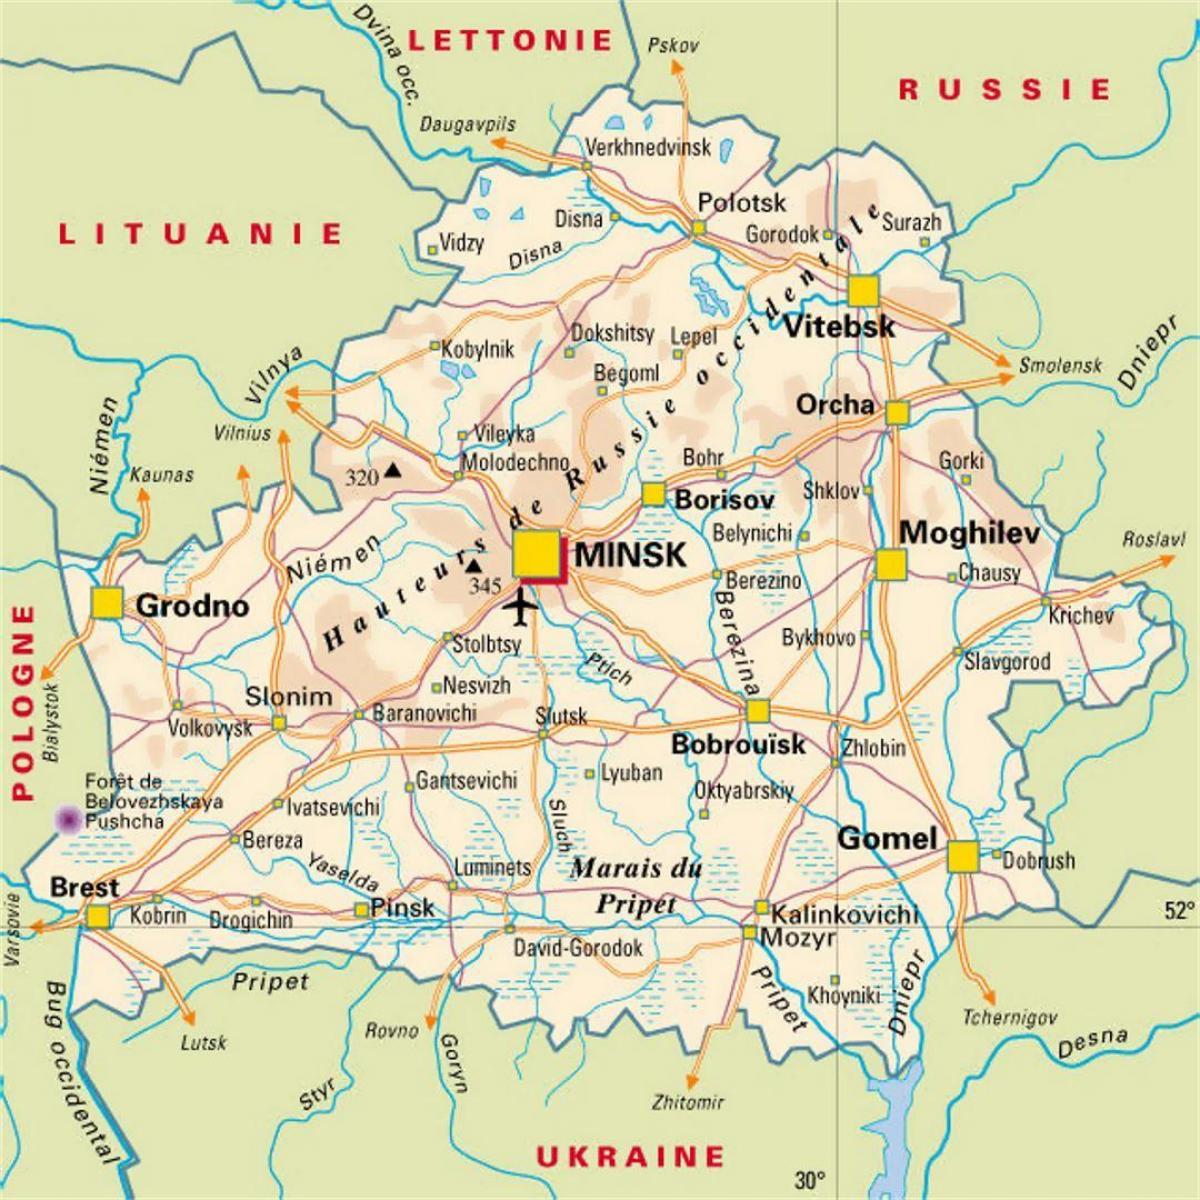 Karte Von Europa Mit Städten.Belarus Städte Map Karte Von Belarus Städte Ost Europa Europe